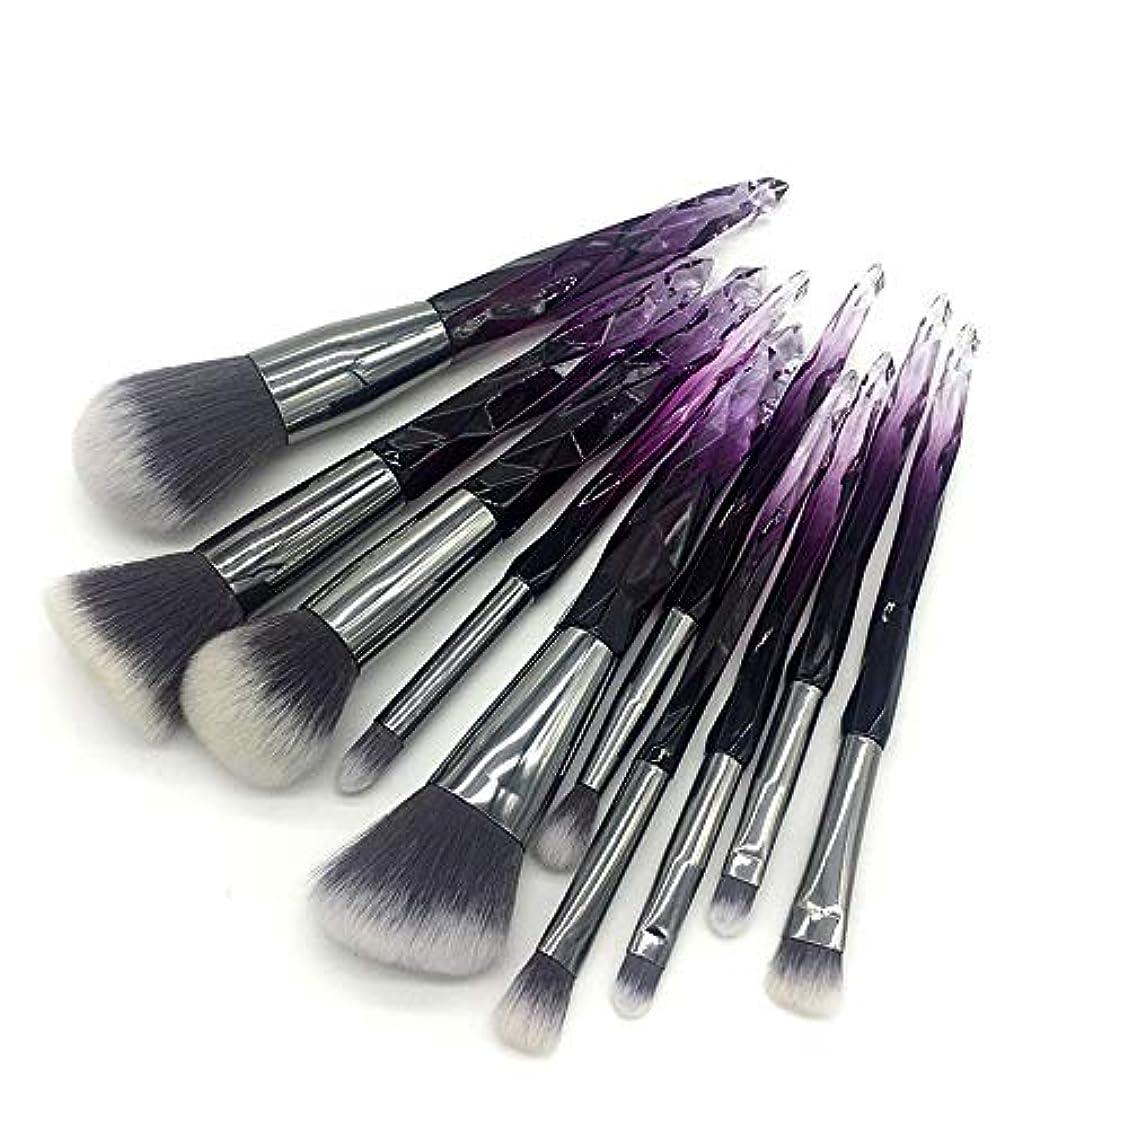 不名誉剣着実にCHANGYUXINTAI-HUAZHUANGSHUA 10化粧ブラシファンデーション、黒と白のブラシ高光沢輪郭ブラシ。 (Color : Black White Hair)